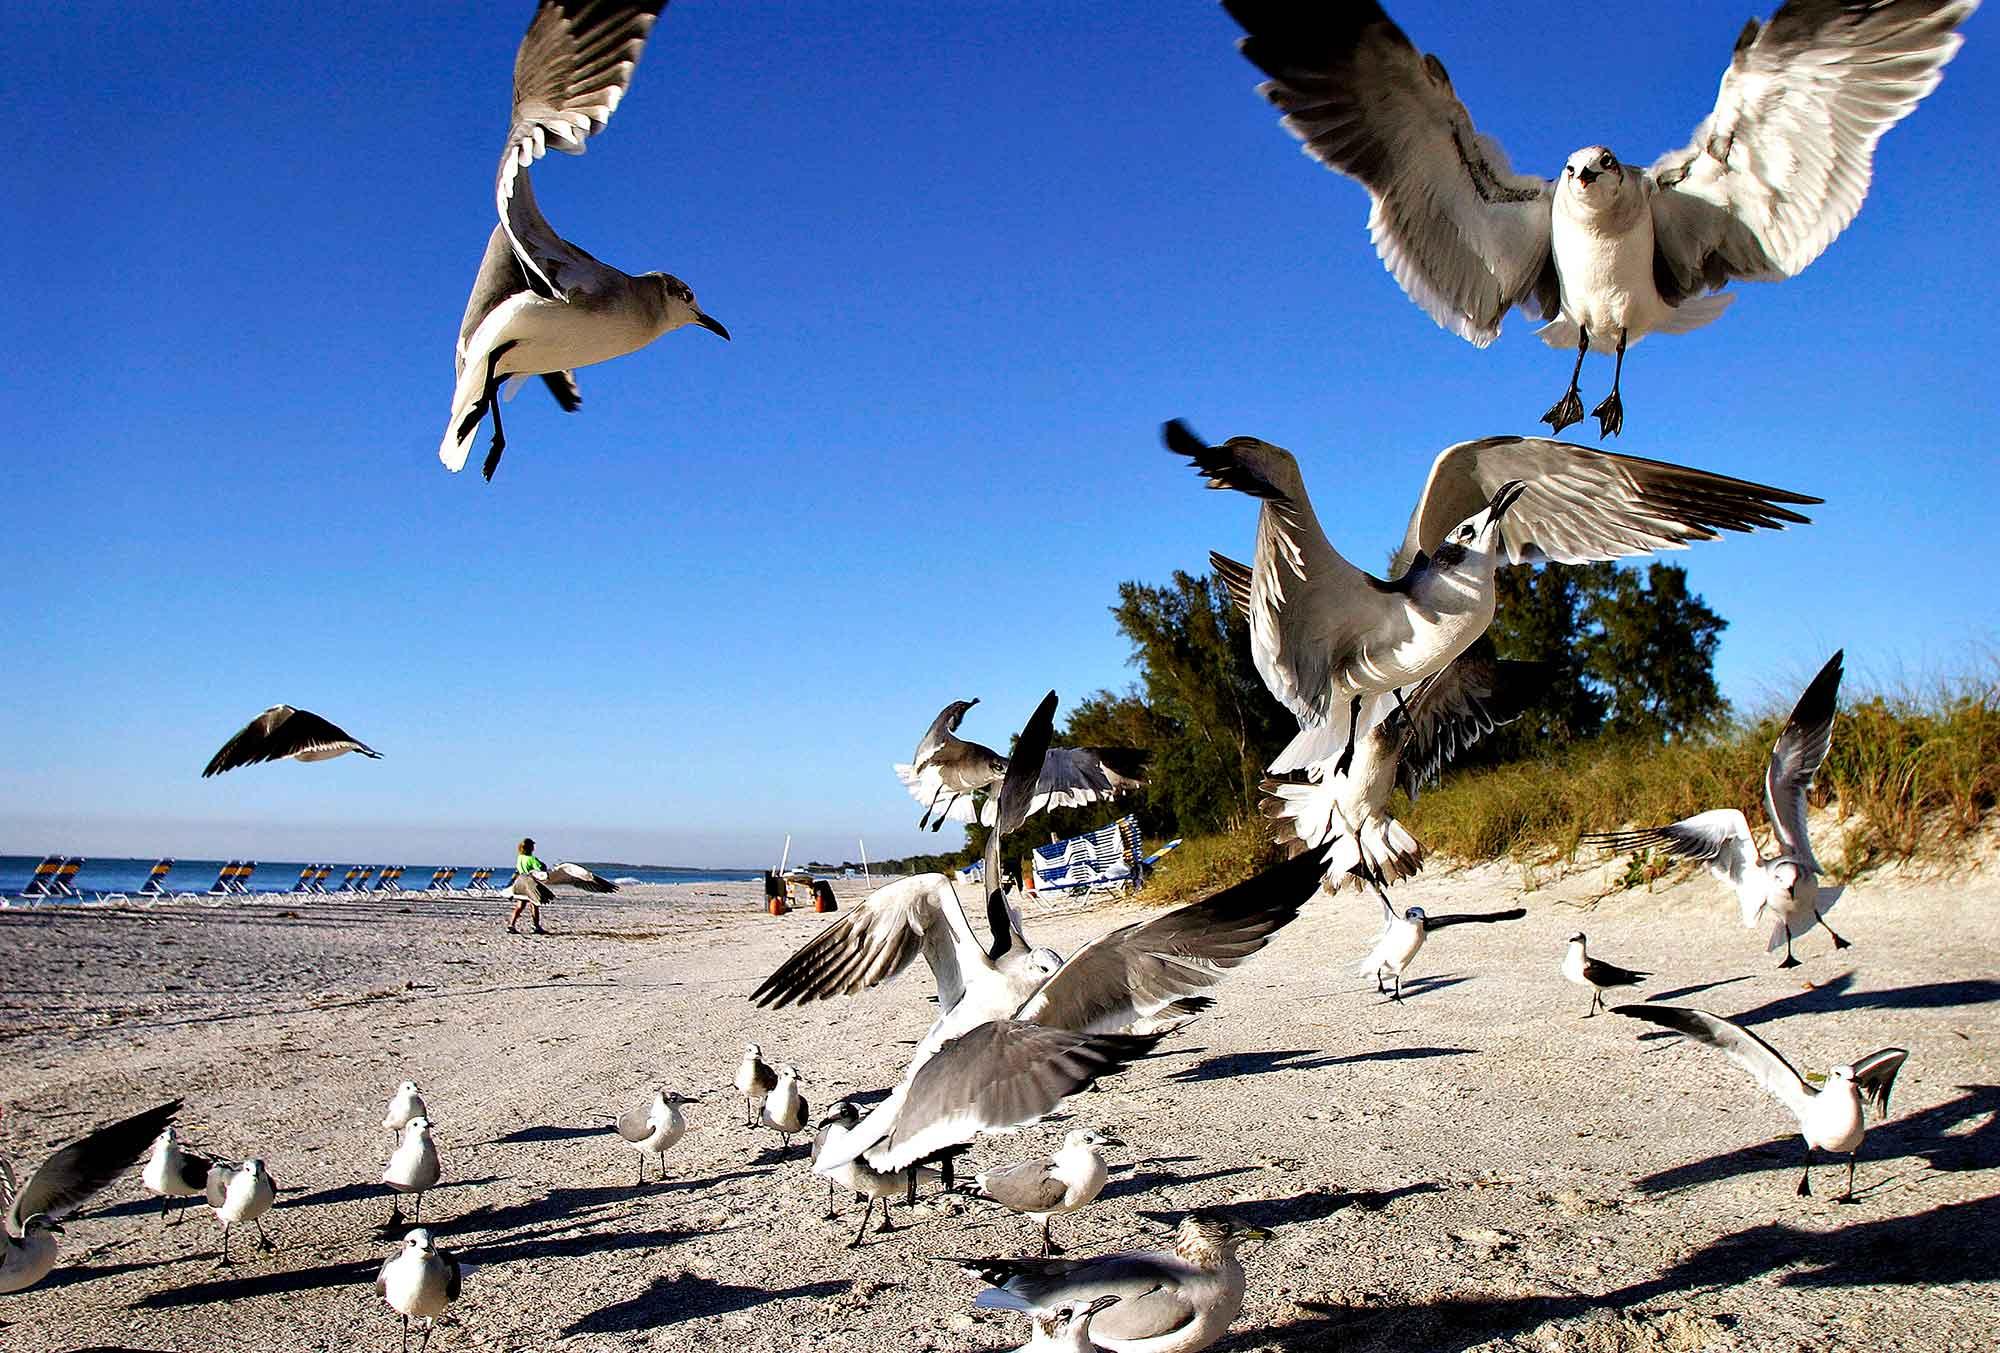 Fugle på stranden i Florida